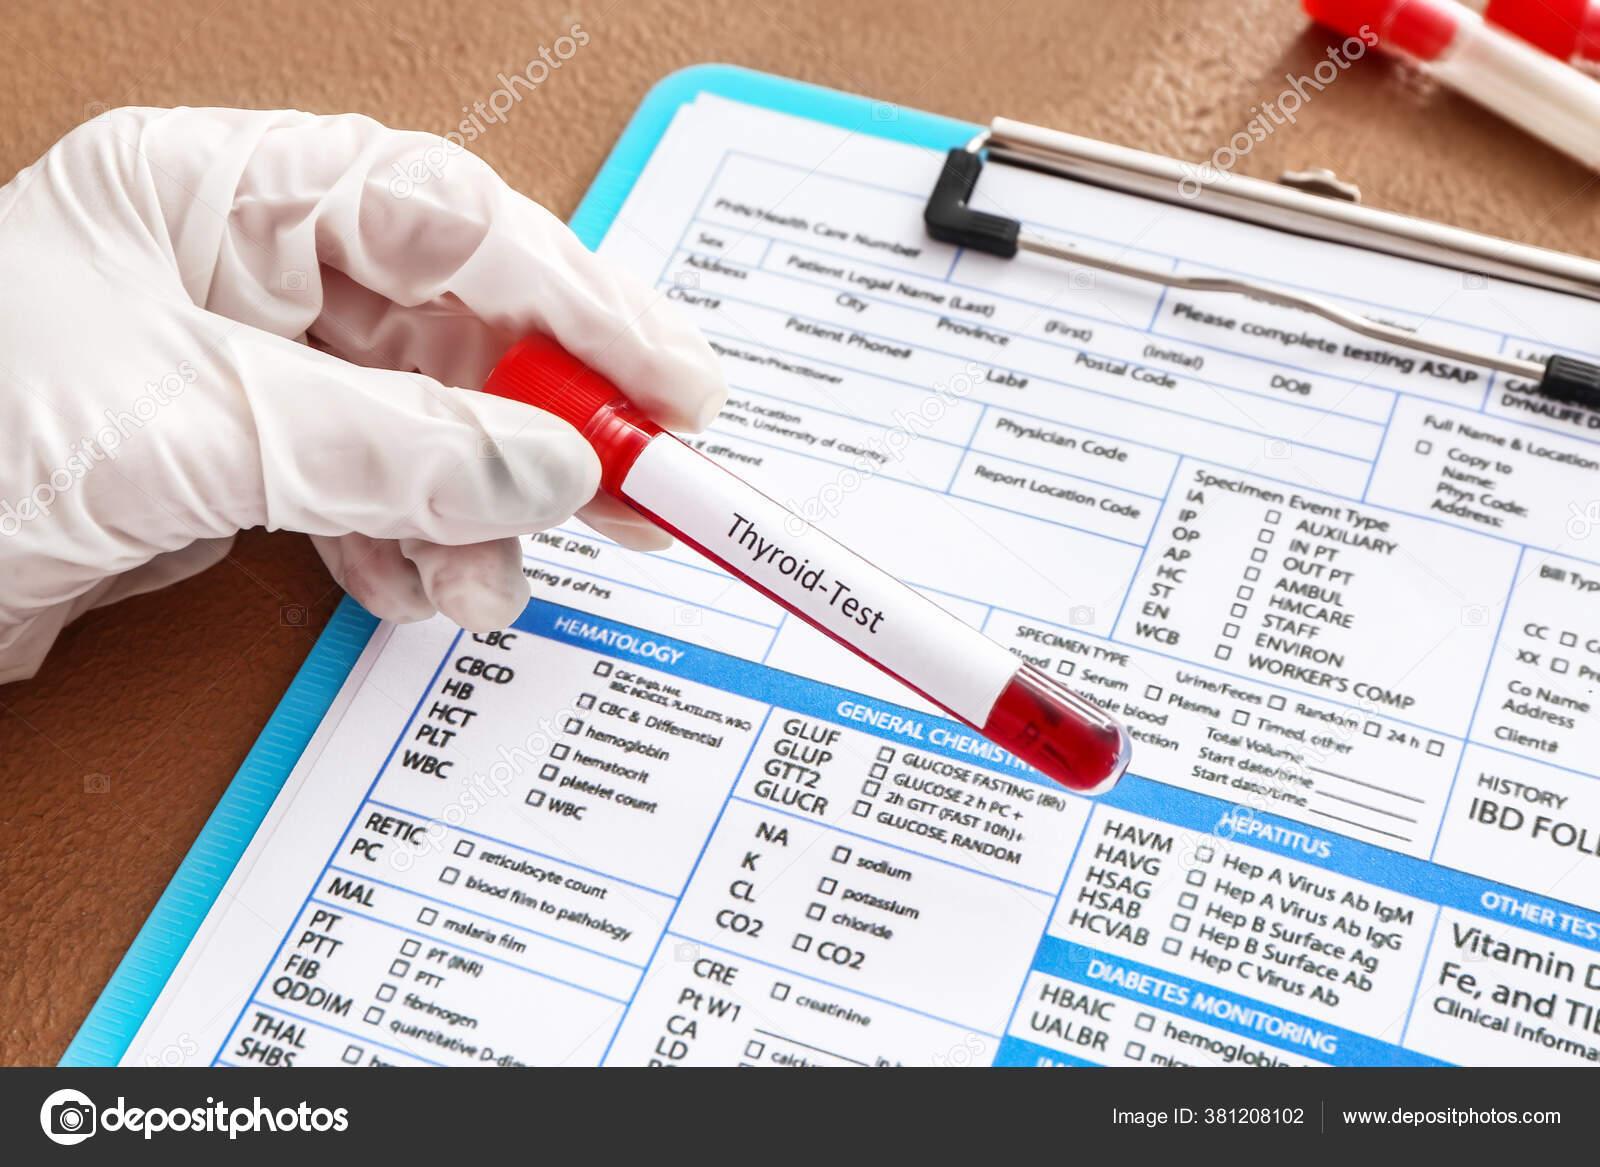 Новгороде нижнем в анализы лабораторные крови анализ крови биохимический chol